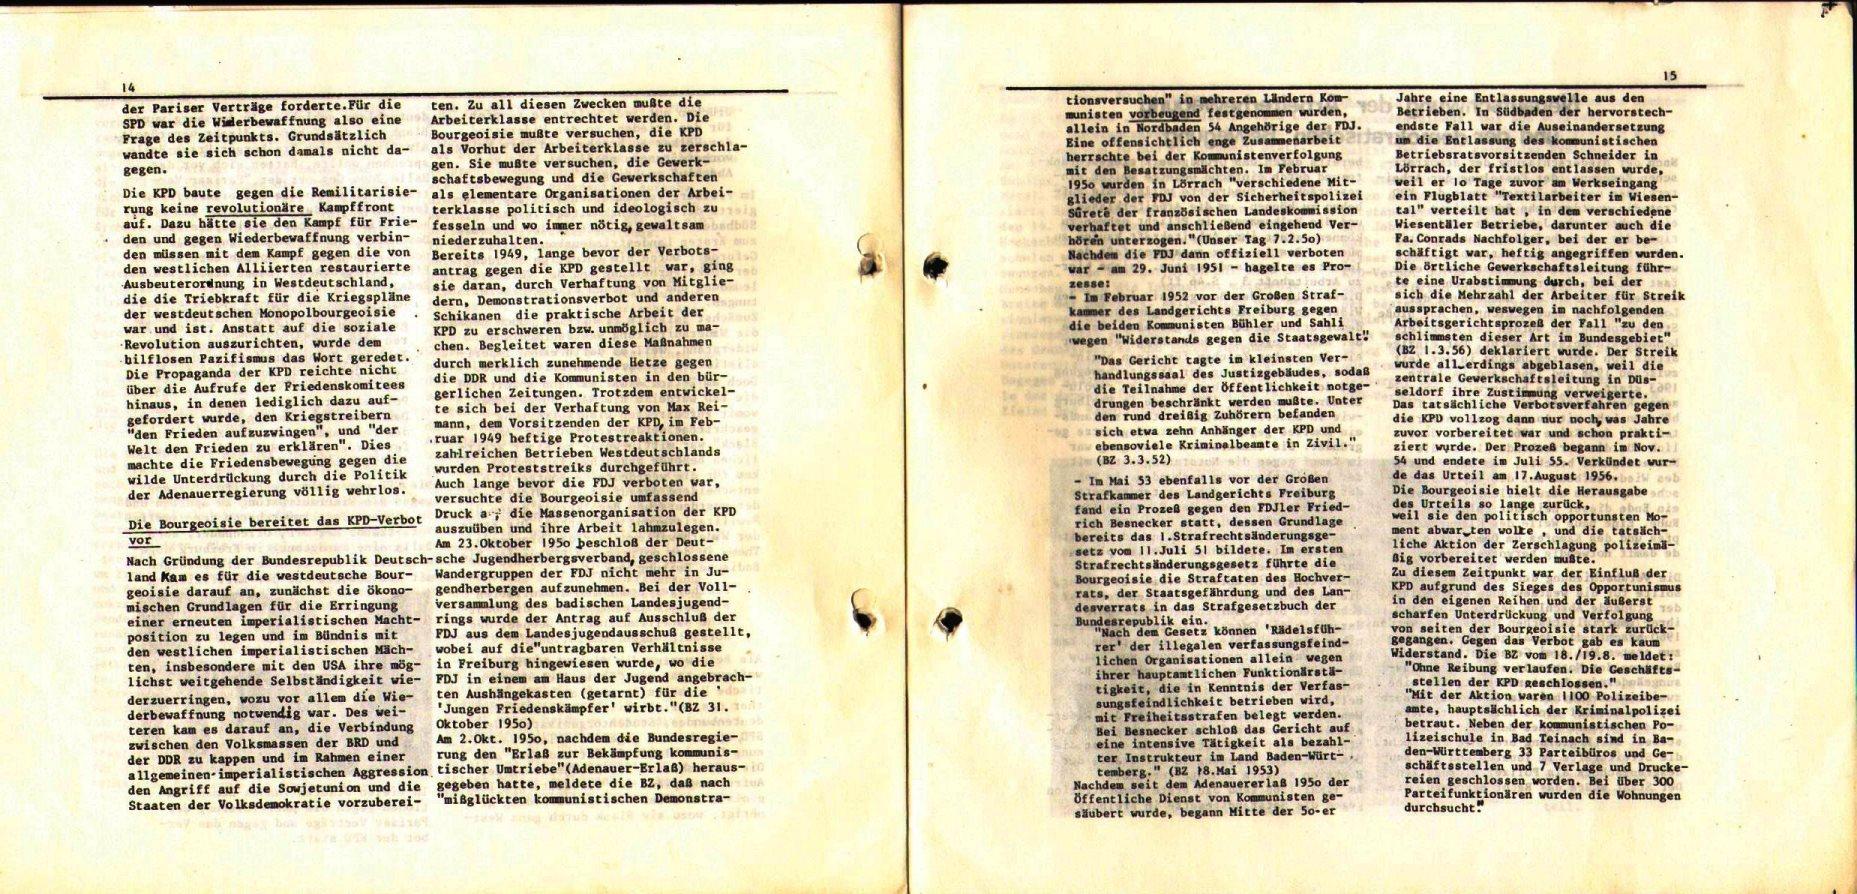 Freiburg_KBW_1975_Gemeinderatswahlen026